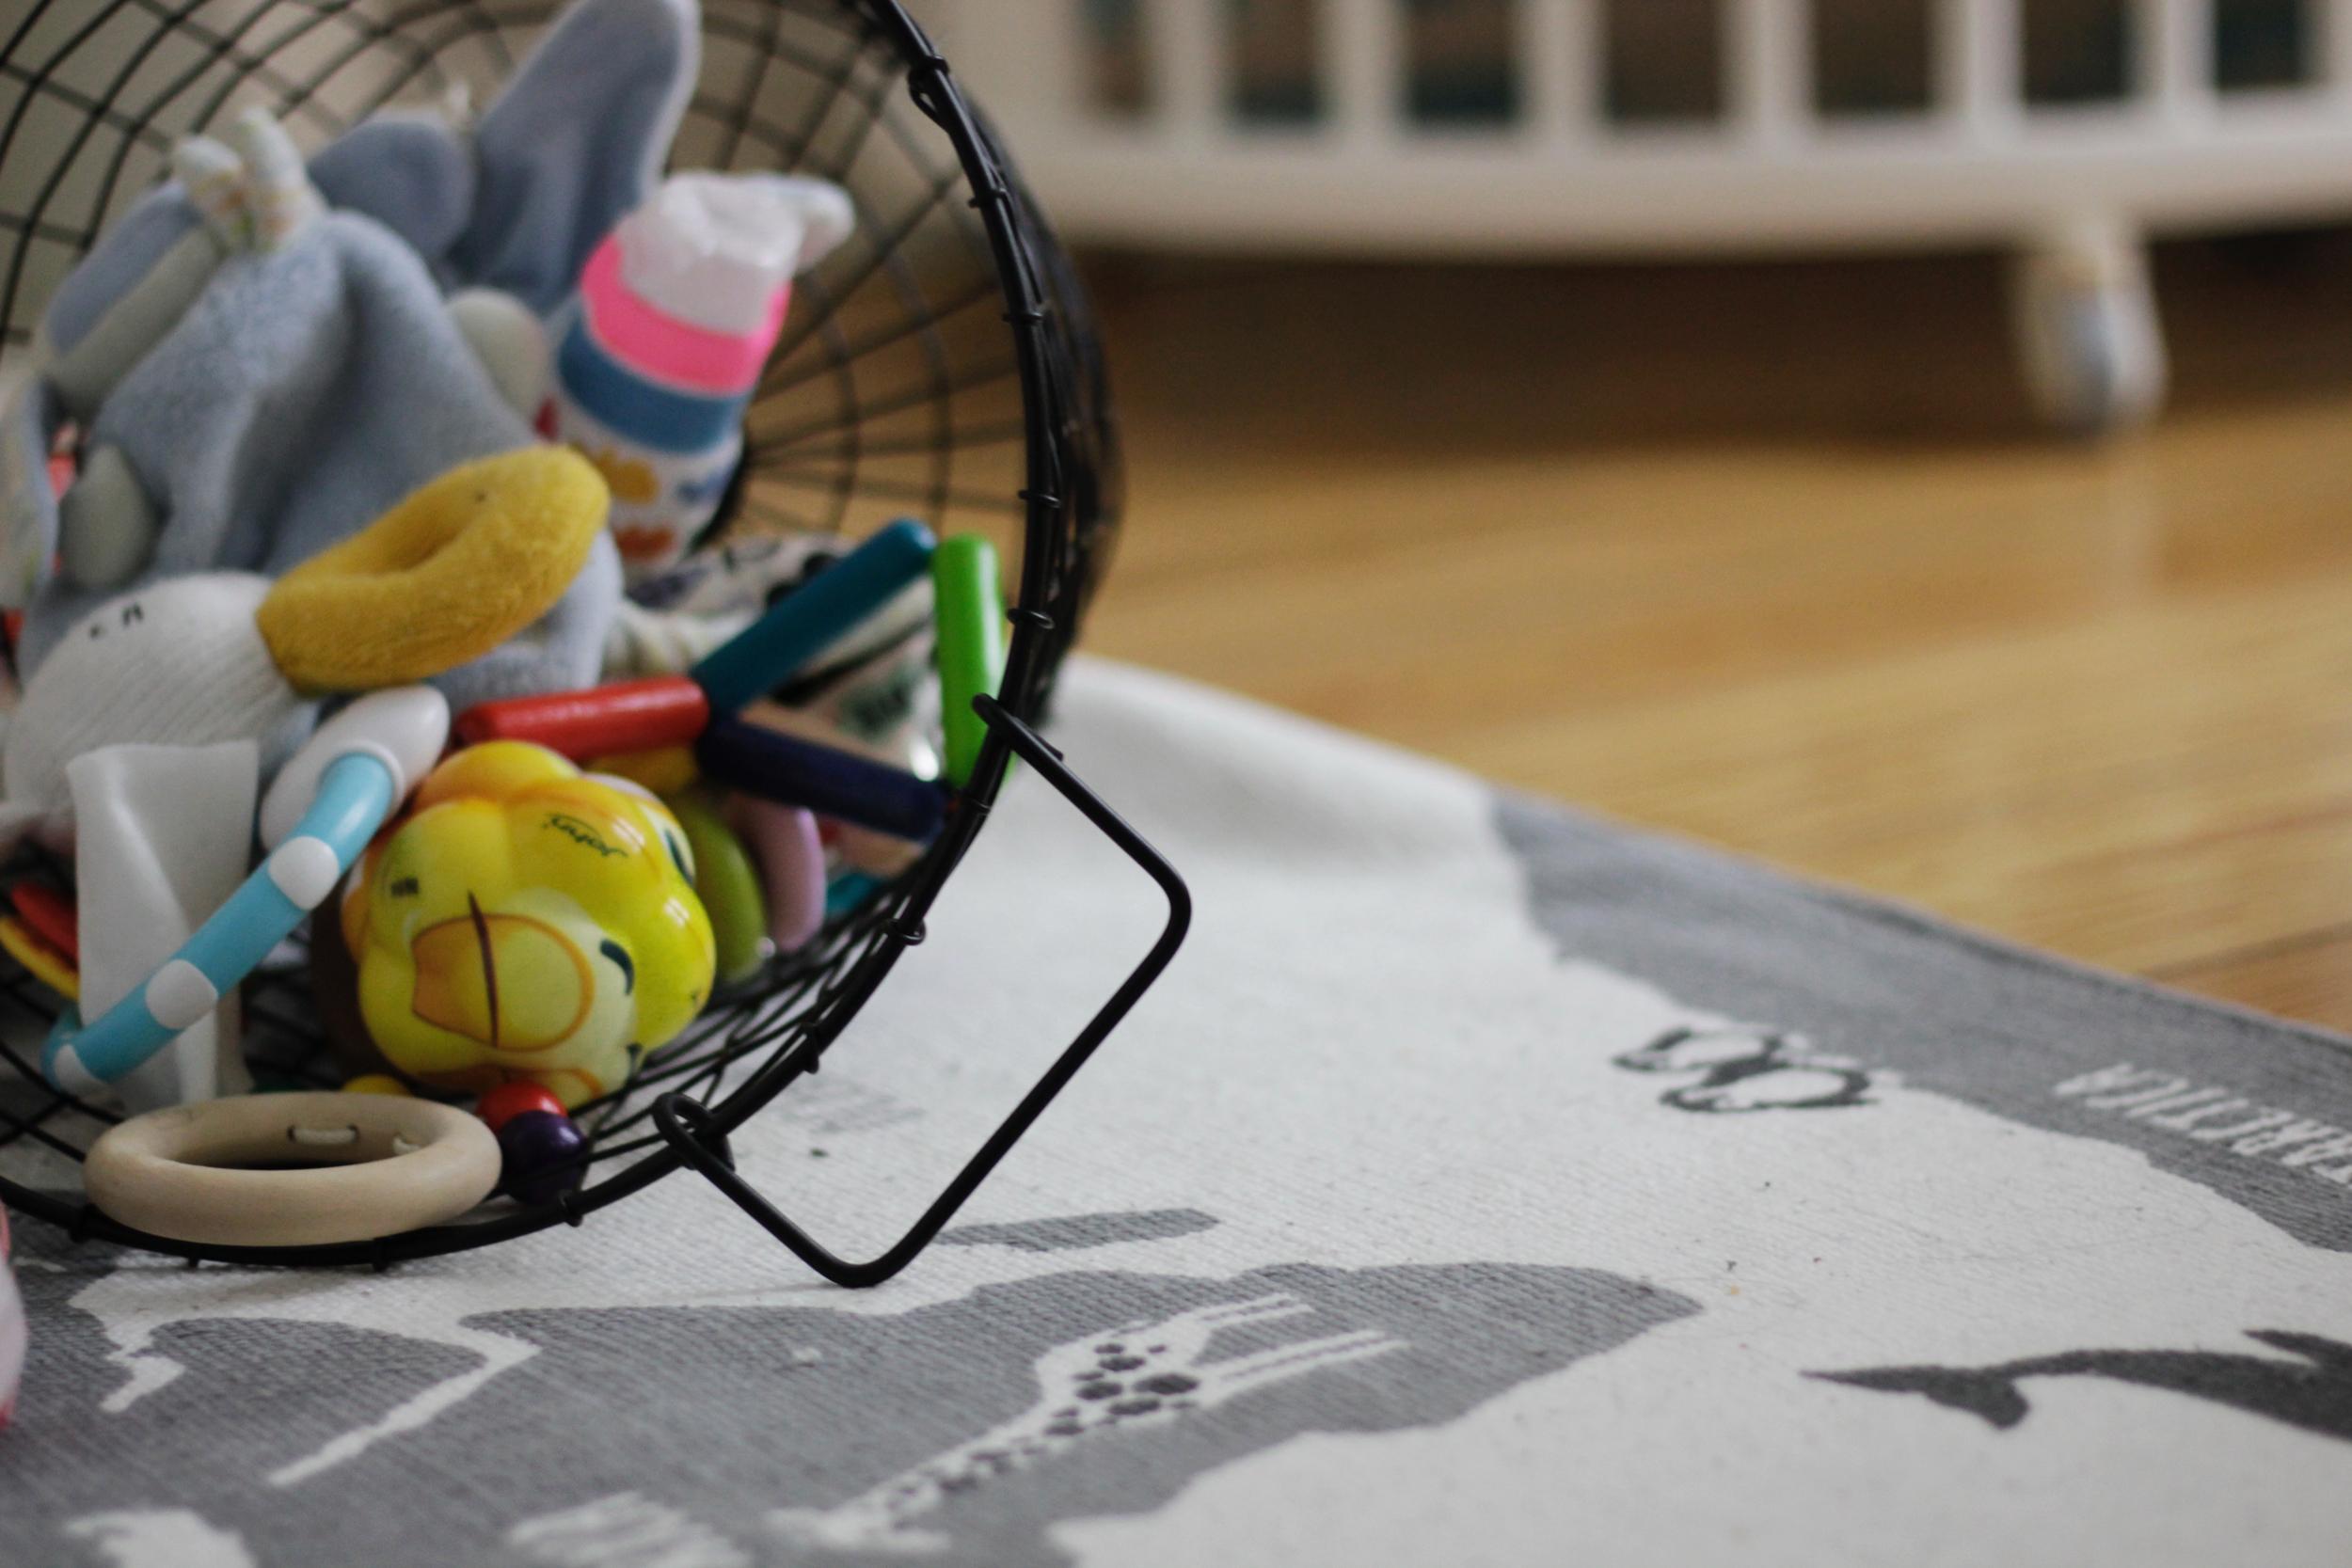 geschenke f r kleinkinder zum ersten geburtstag daily malina. Black Bedroom Furniture Sets. Home Design Ideas